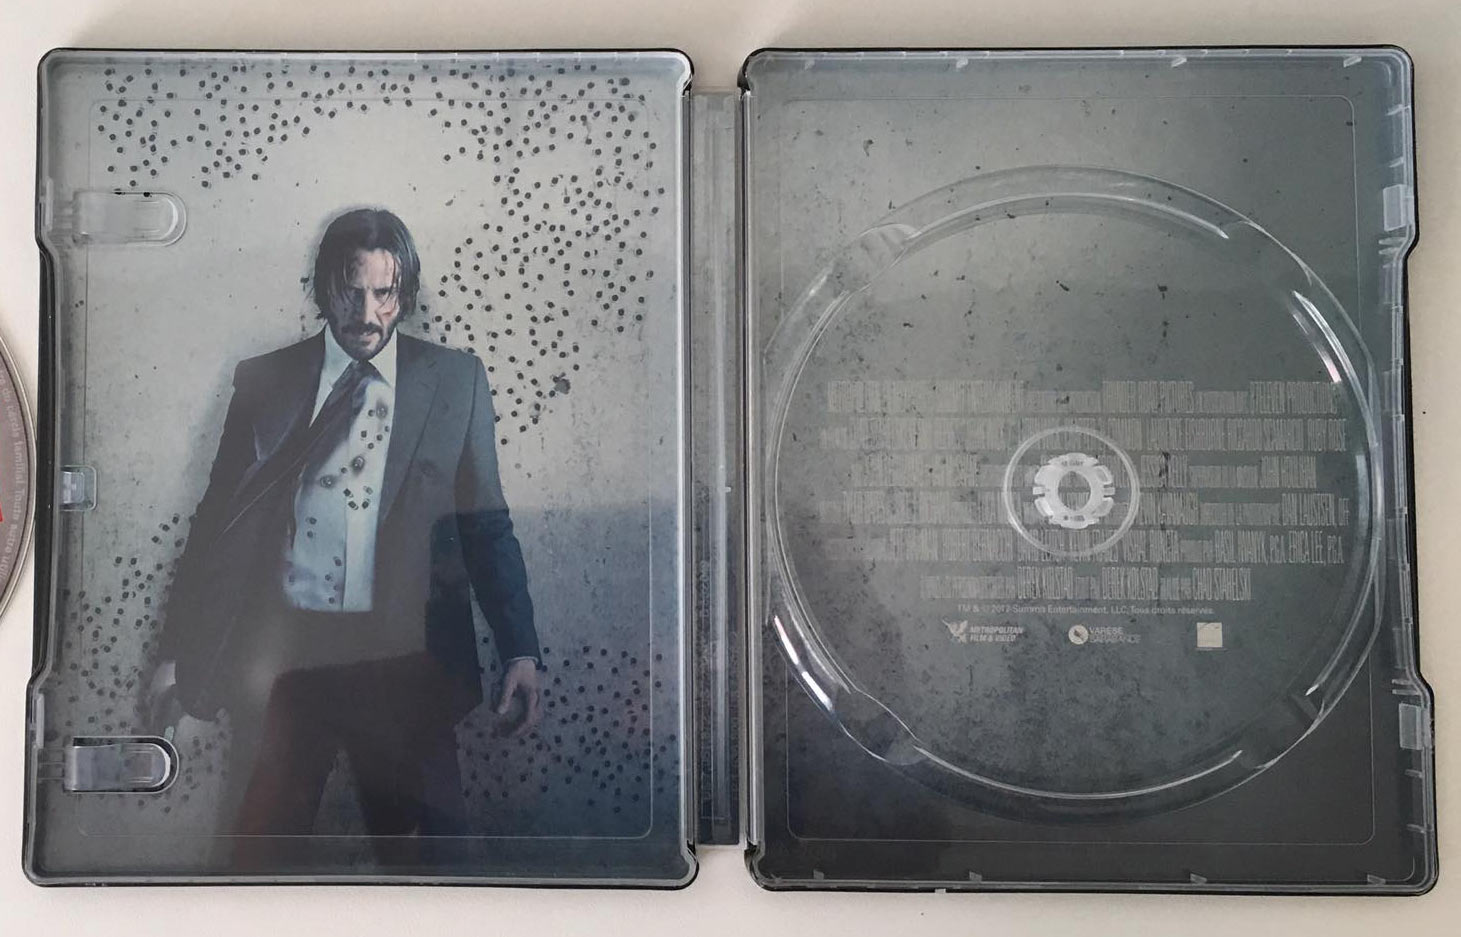 John-Wick-2-steelbook-3